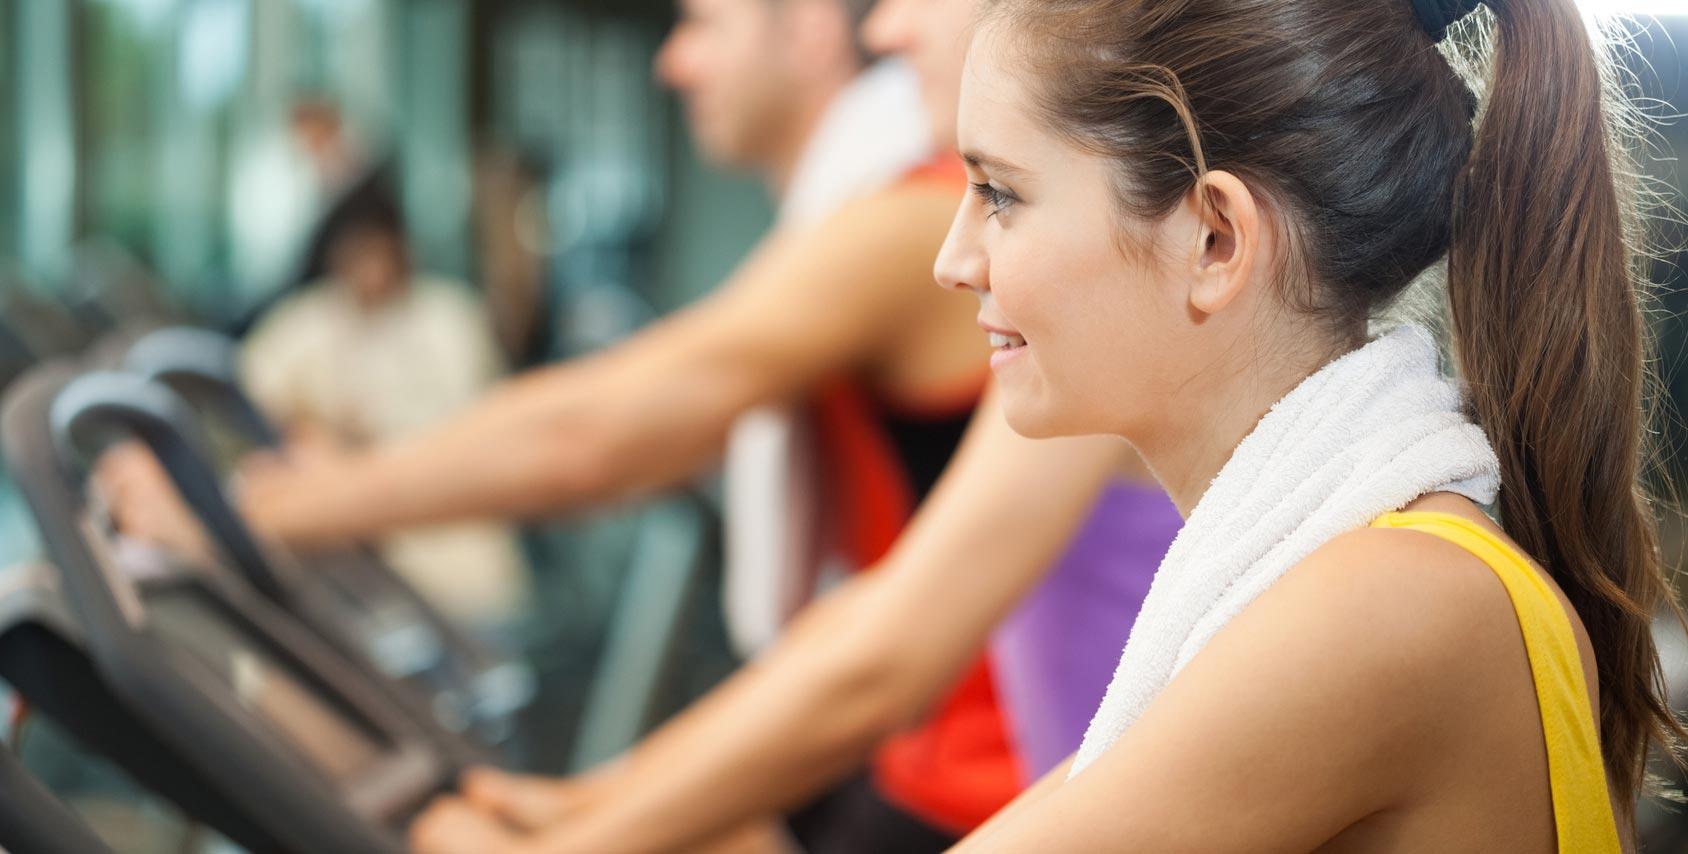 Finde Fitnessstudios ganz in deiner näheren Umgebung!